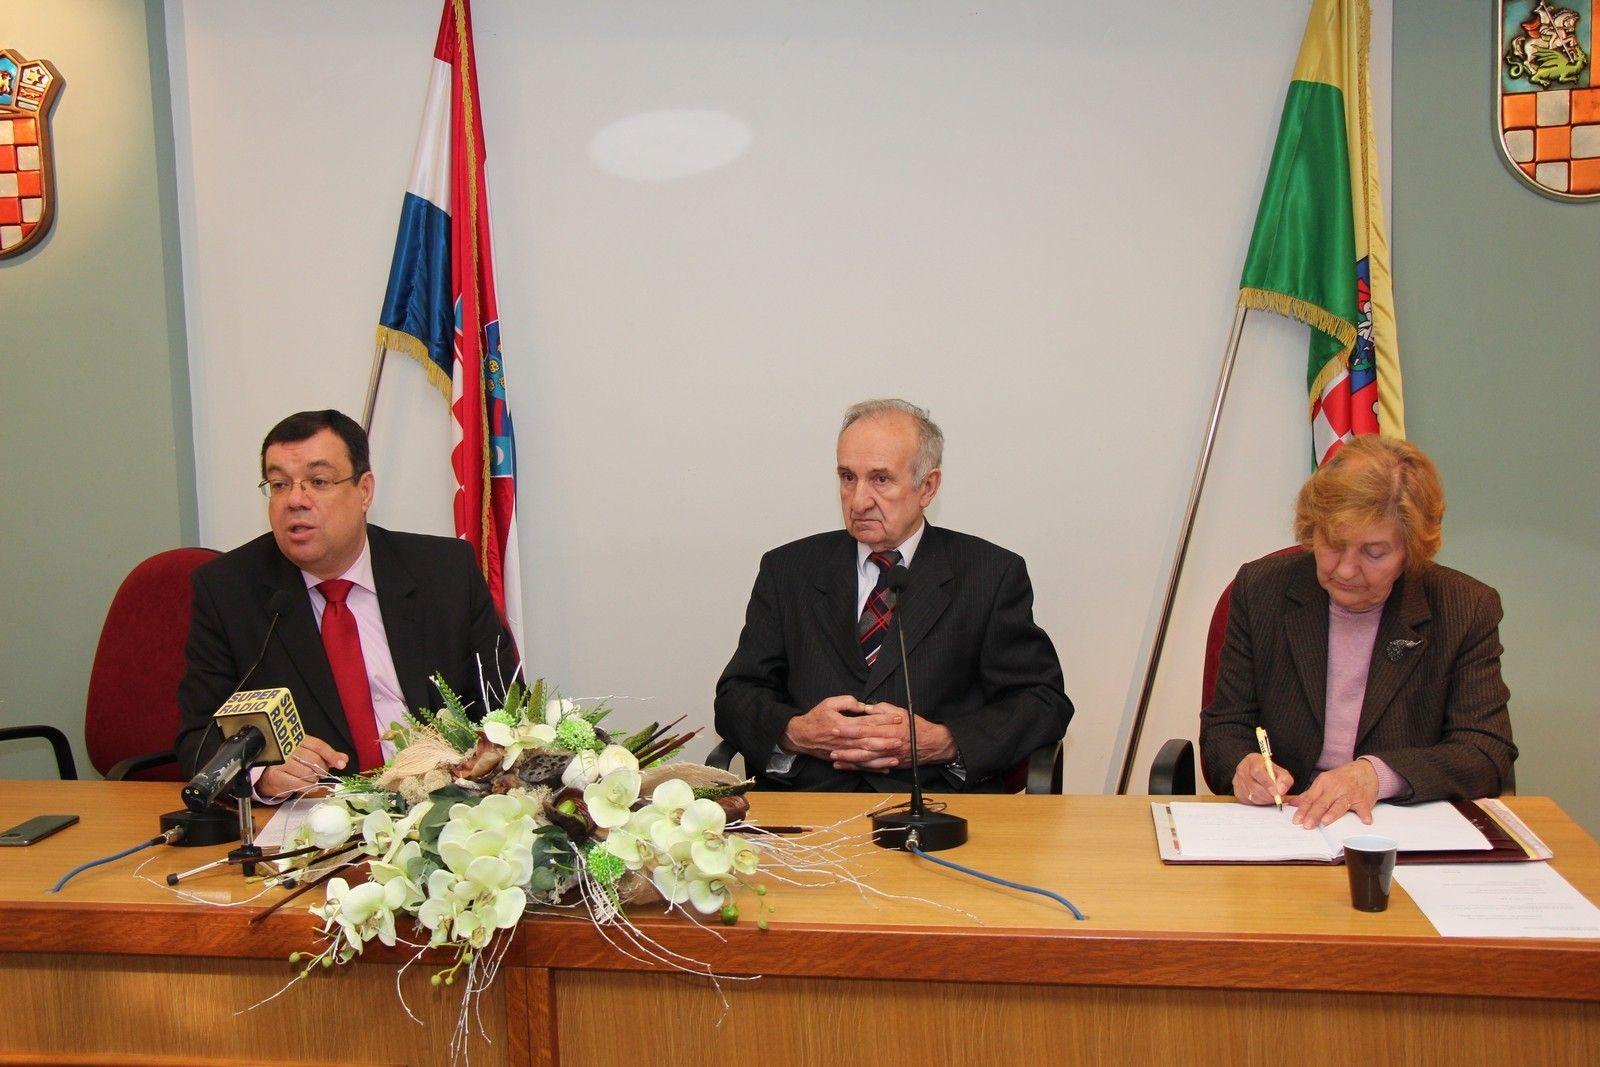 Predstavnici umirovljenika BBŽ zadovoljni sa županom Bajsom i najavili potporu za lokalne izbore